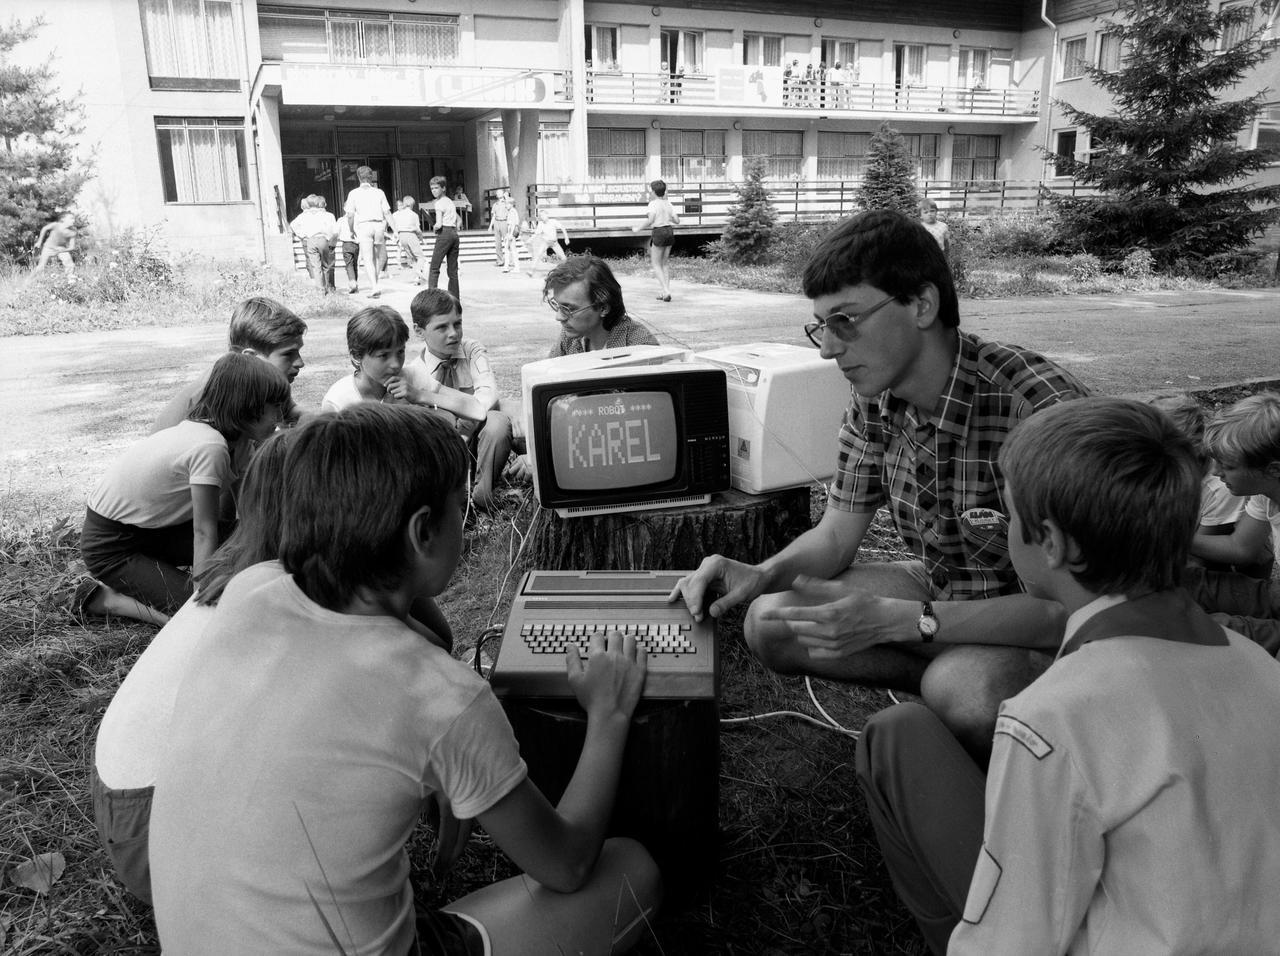 Пионеры изучают компьютер. Чехословакия, 1986 год.